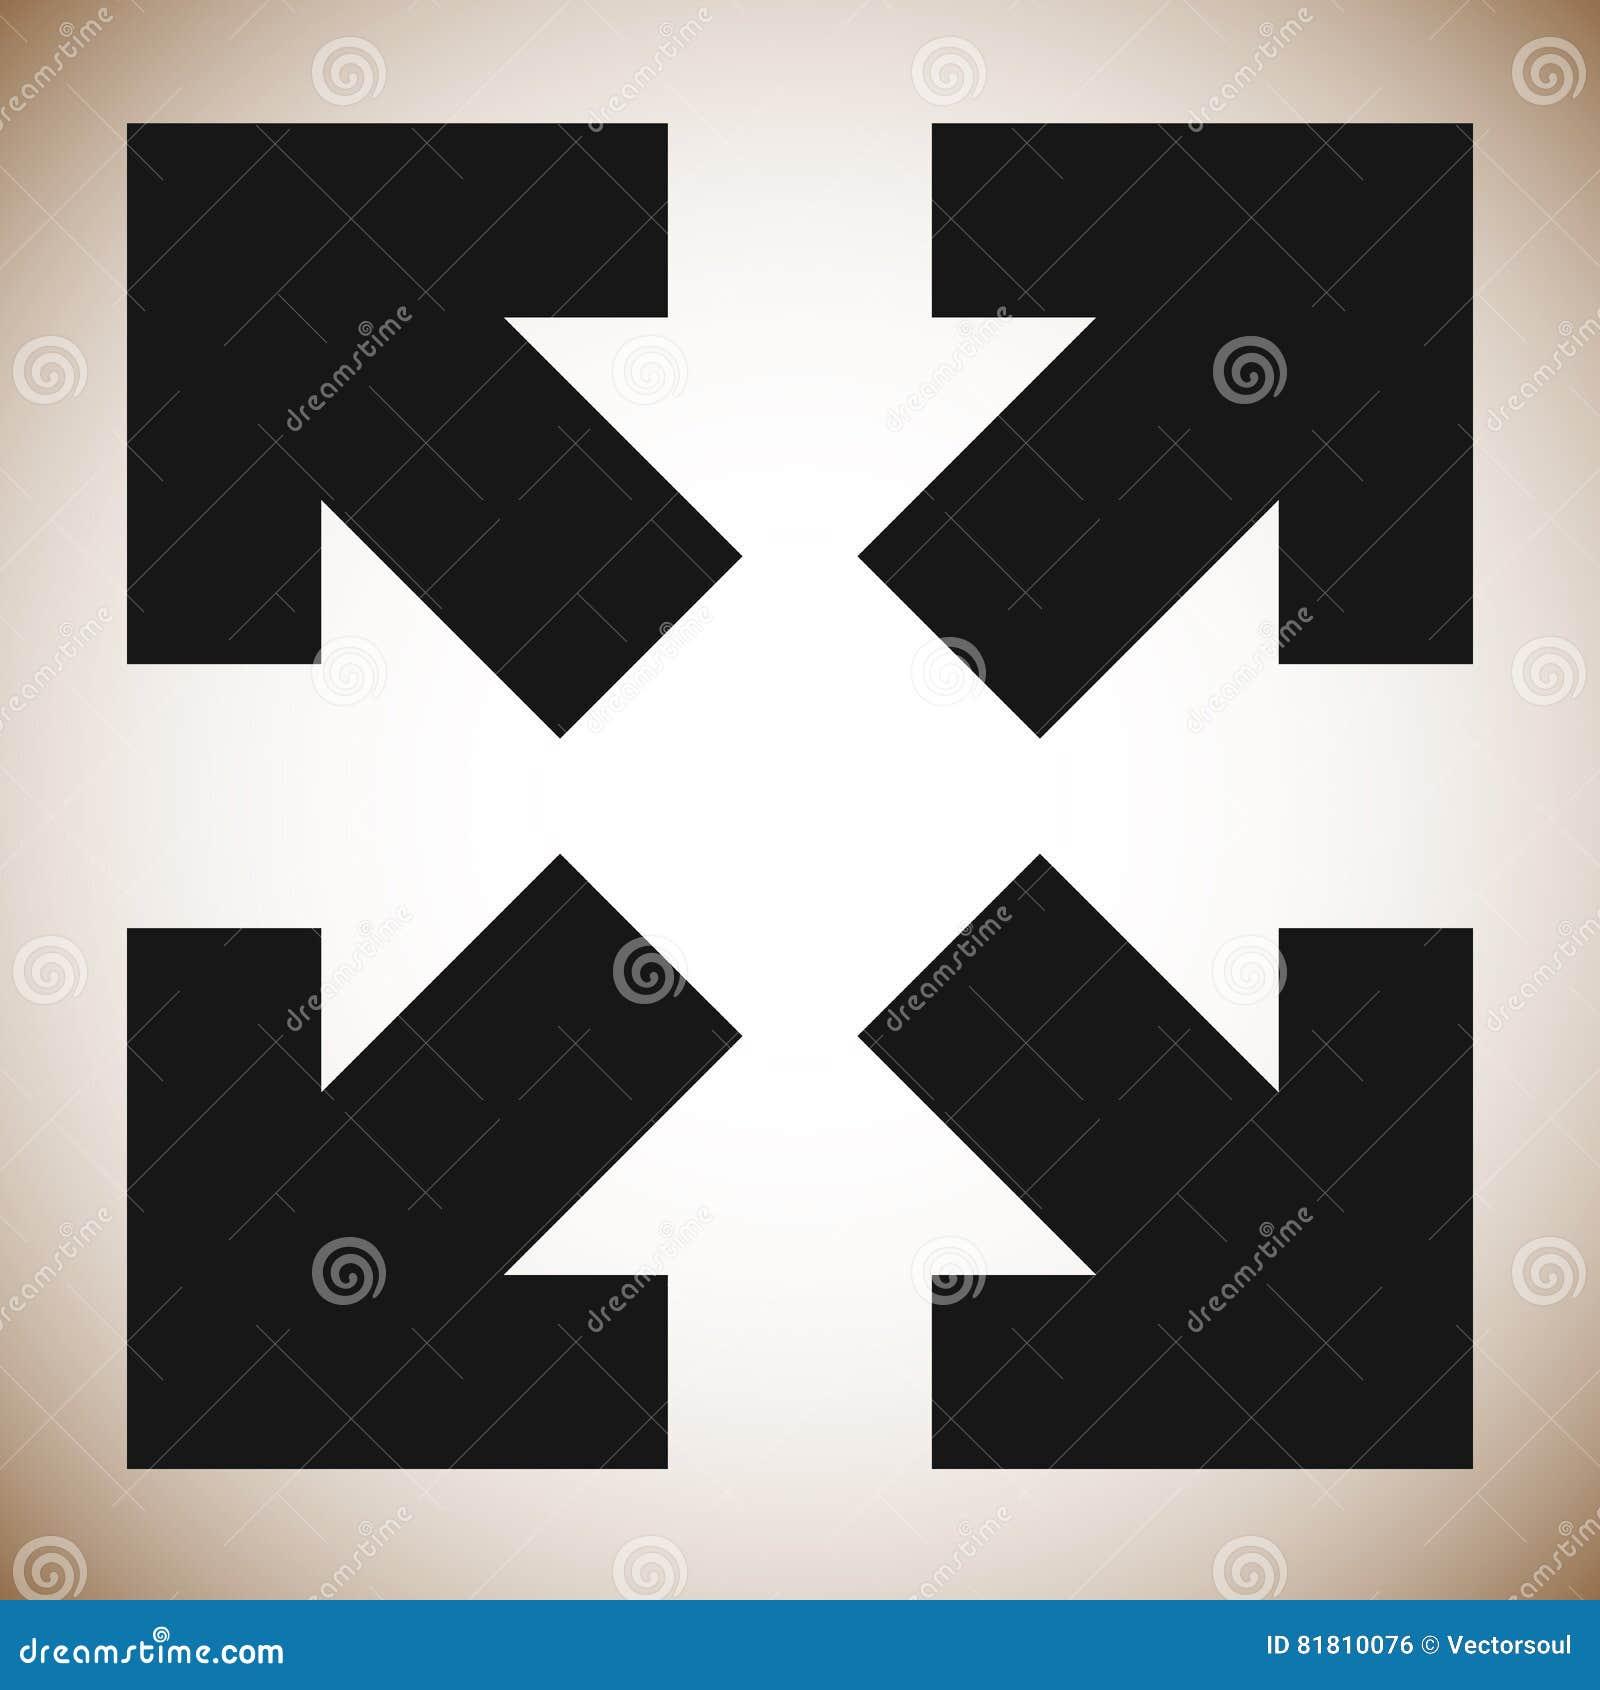 Стрелки в направлении 4 - измените размеры, выровняйте, увеличьте значок концепции